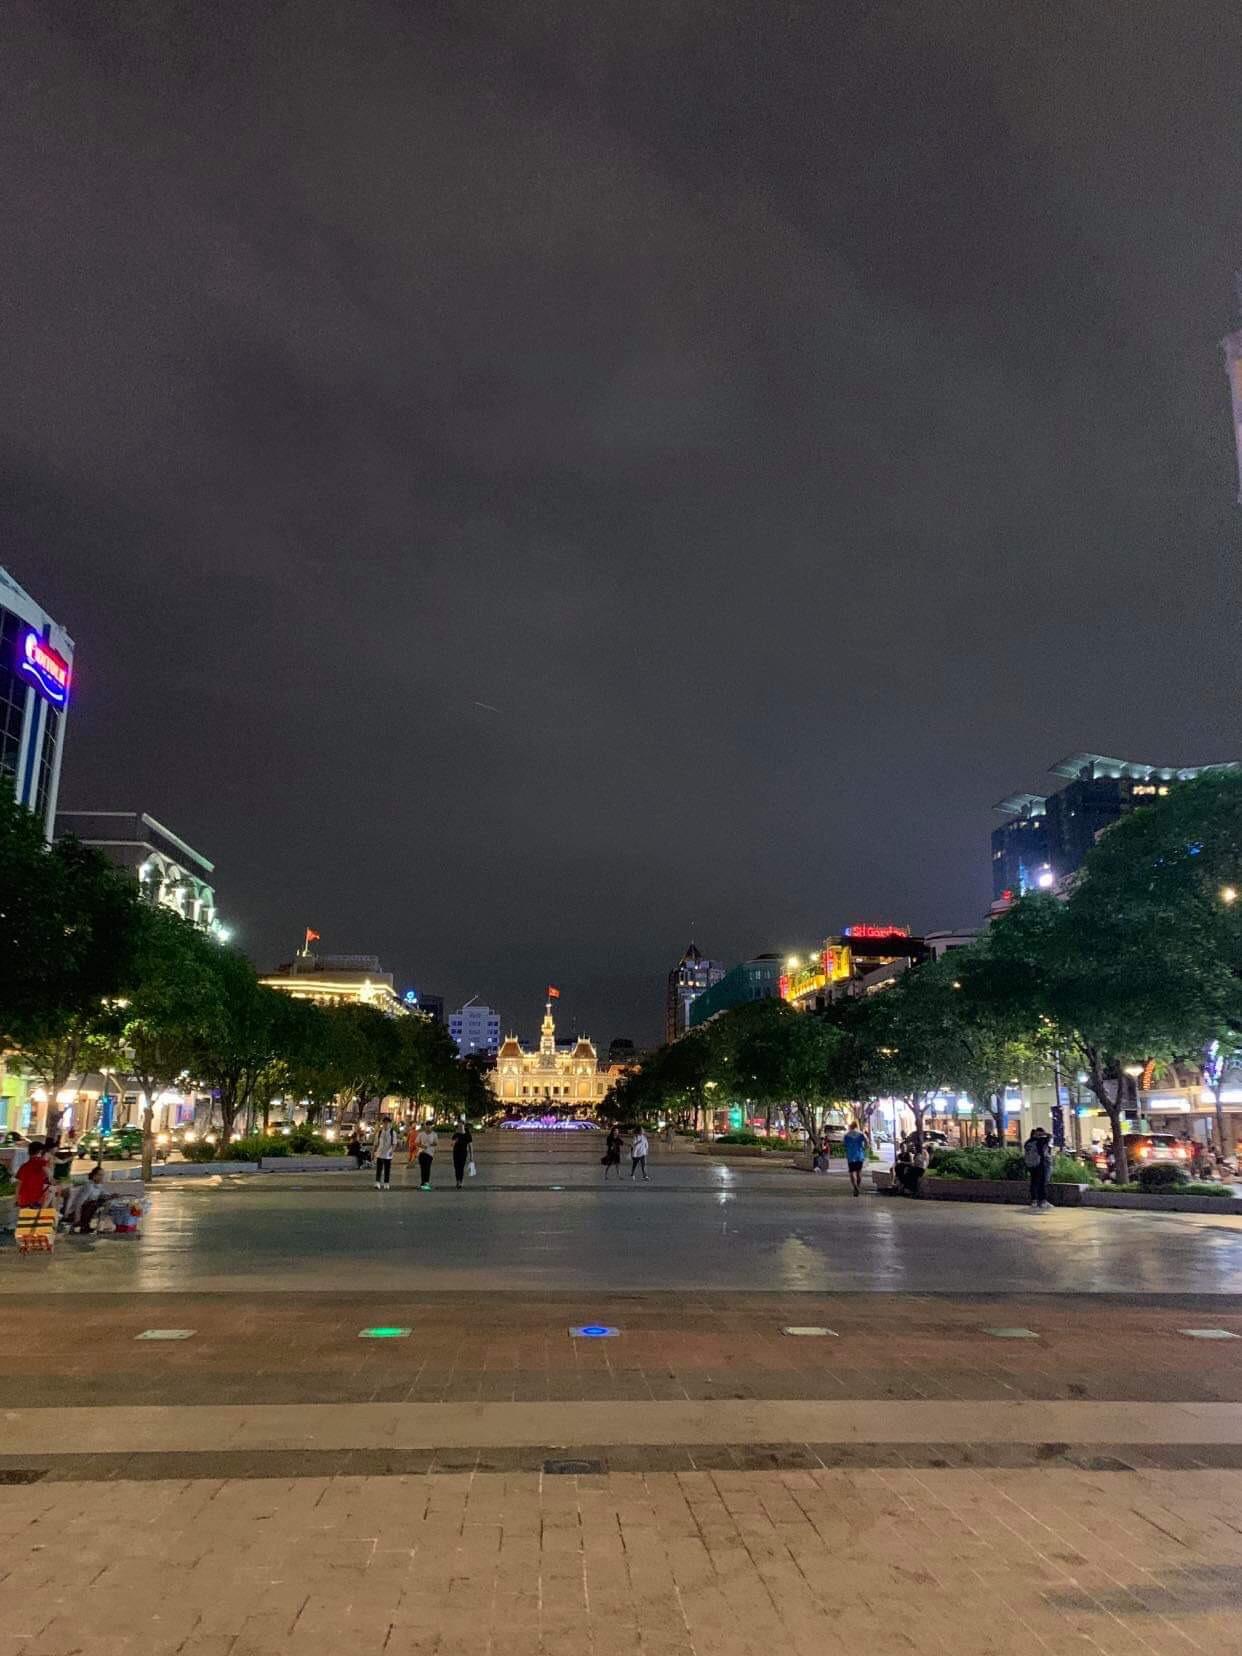 Gợi ý những trải nghiệm không nên bỏ lỡ nếu chỉ có 24 giờ khám phá Sài Gòn - Ảnh 8.